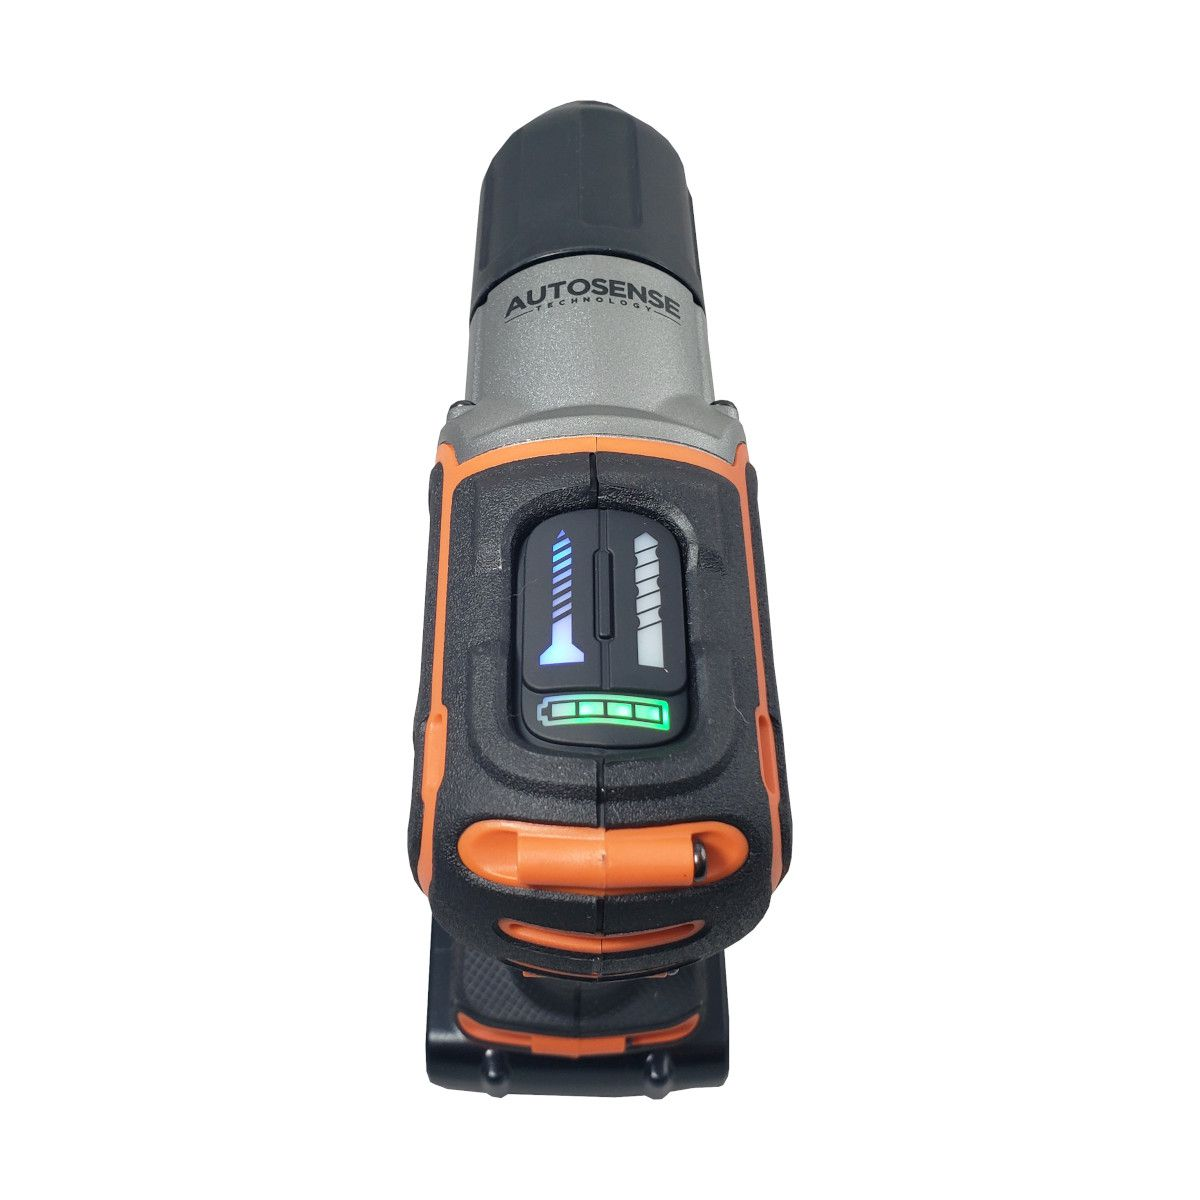 Parafusadeira Furadeira à bateria 20v Max, Autosense Black e Decker BDCDE120C